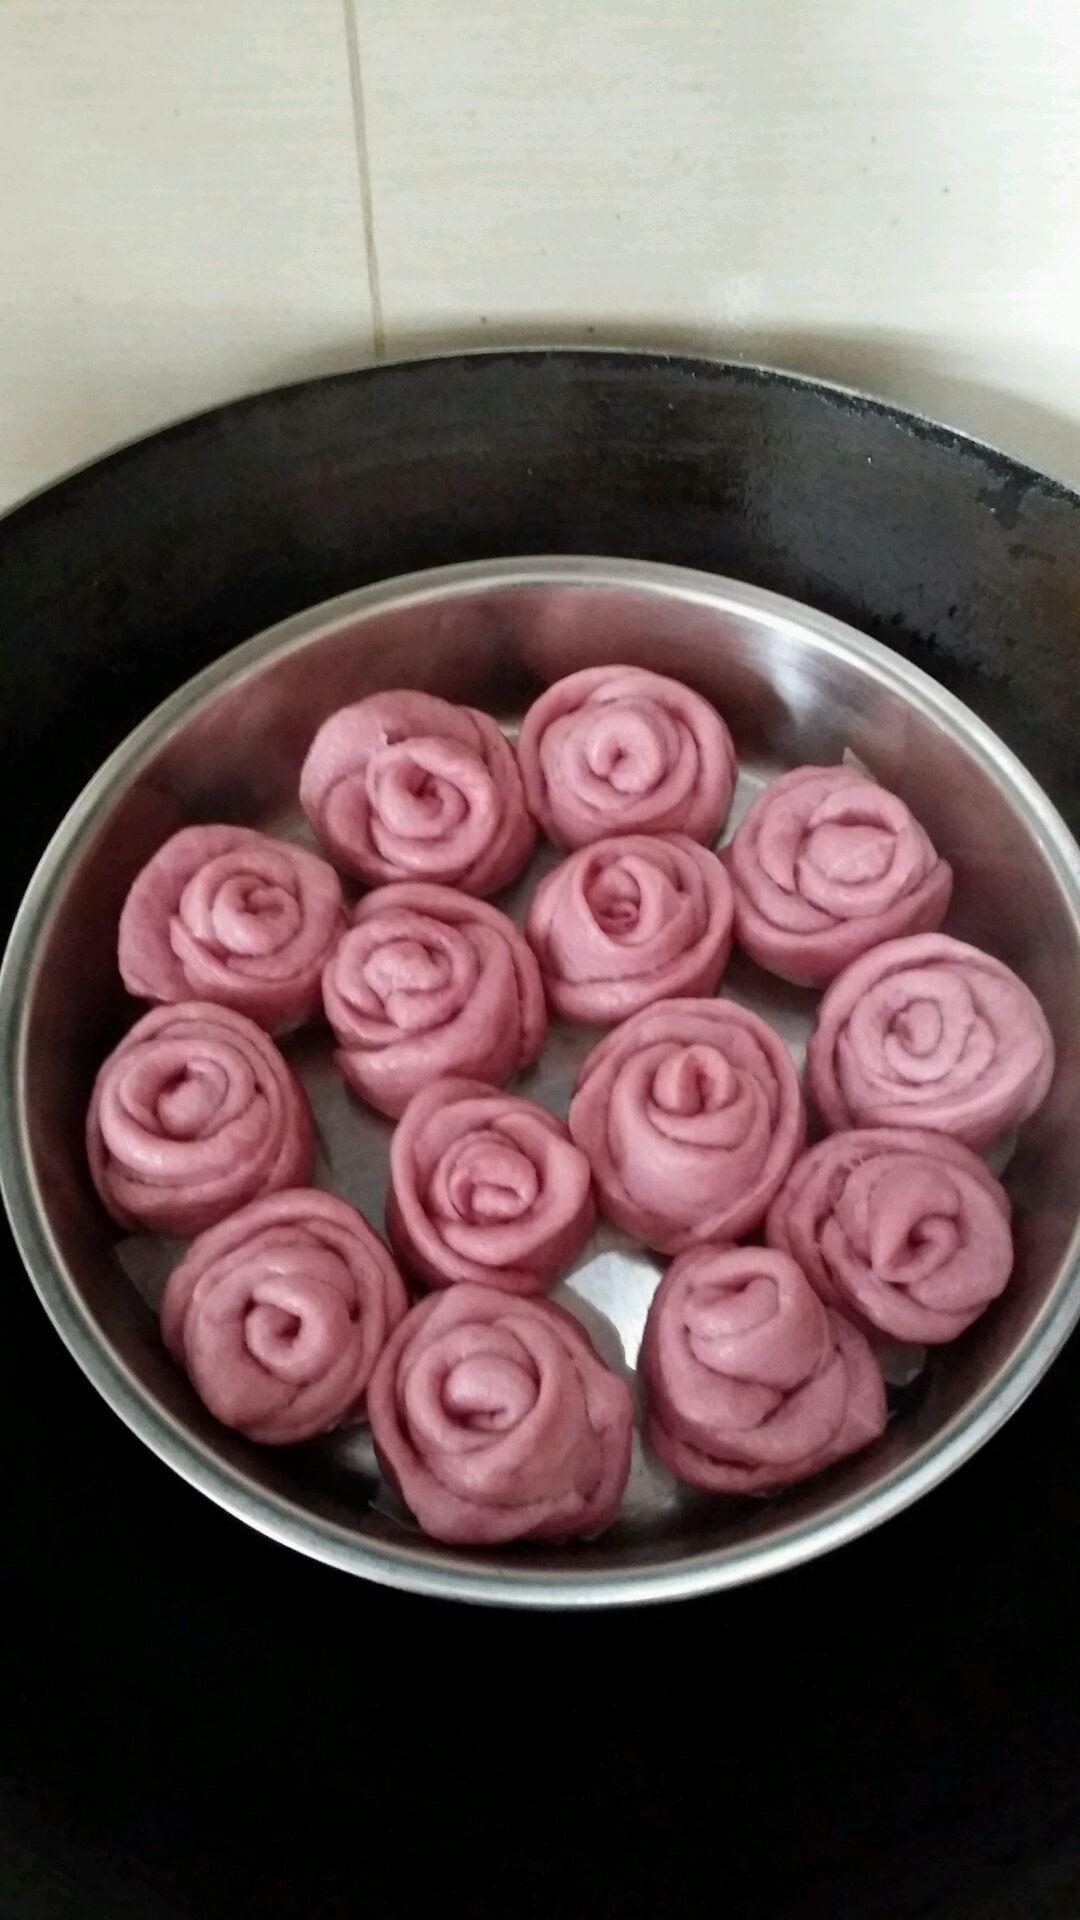 紫薯玫瑰花卷的做法_【图解】紫薯玫瑰花卷怎么做